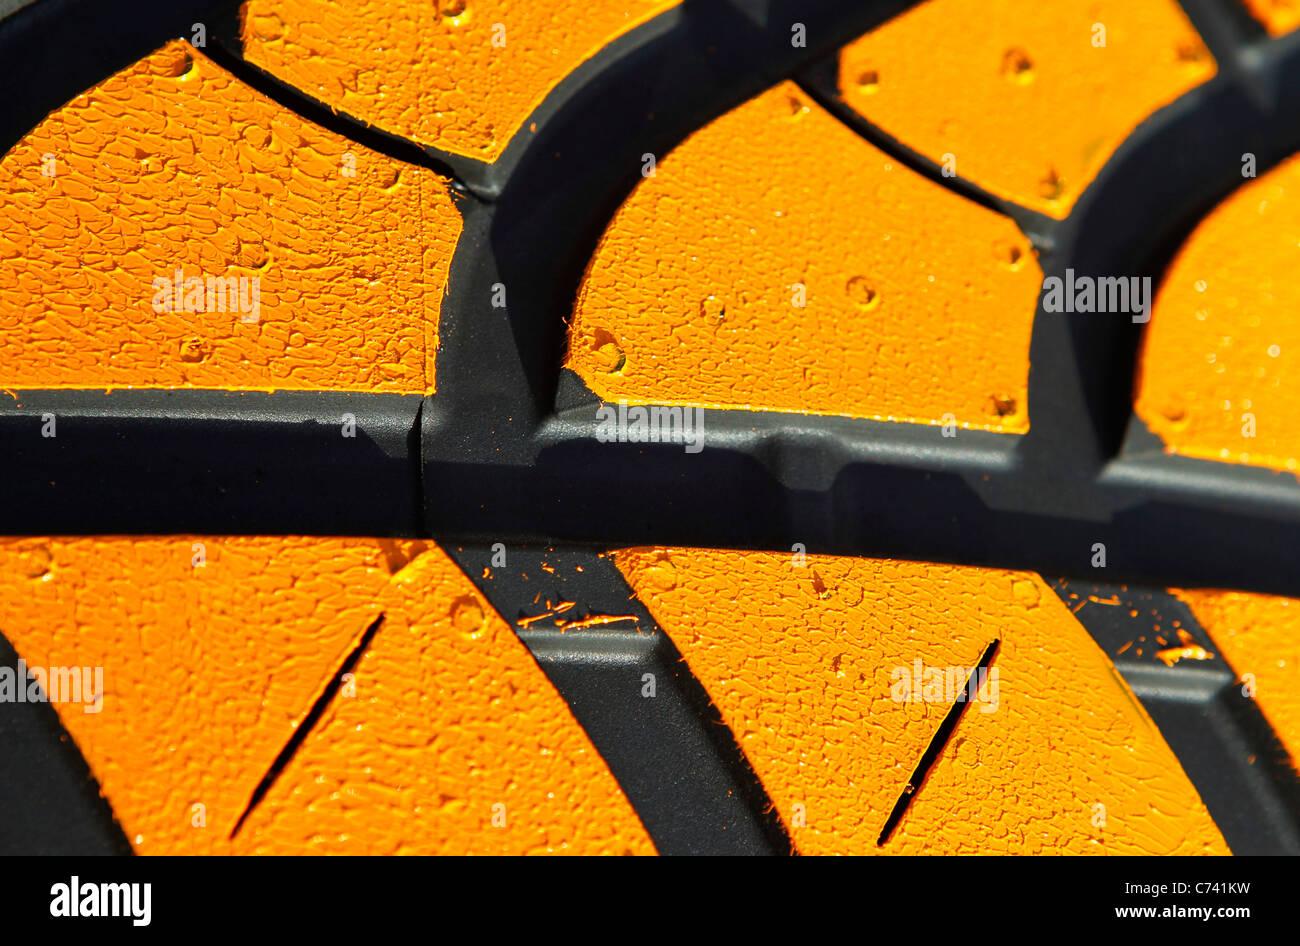 Campeonato del Mundo de Fórmula Uno FIA Monza, Italia 2011, F1 Imagen De Stock